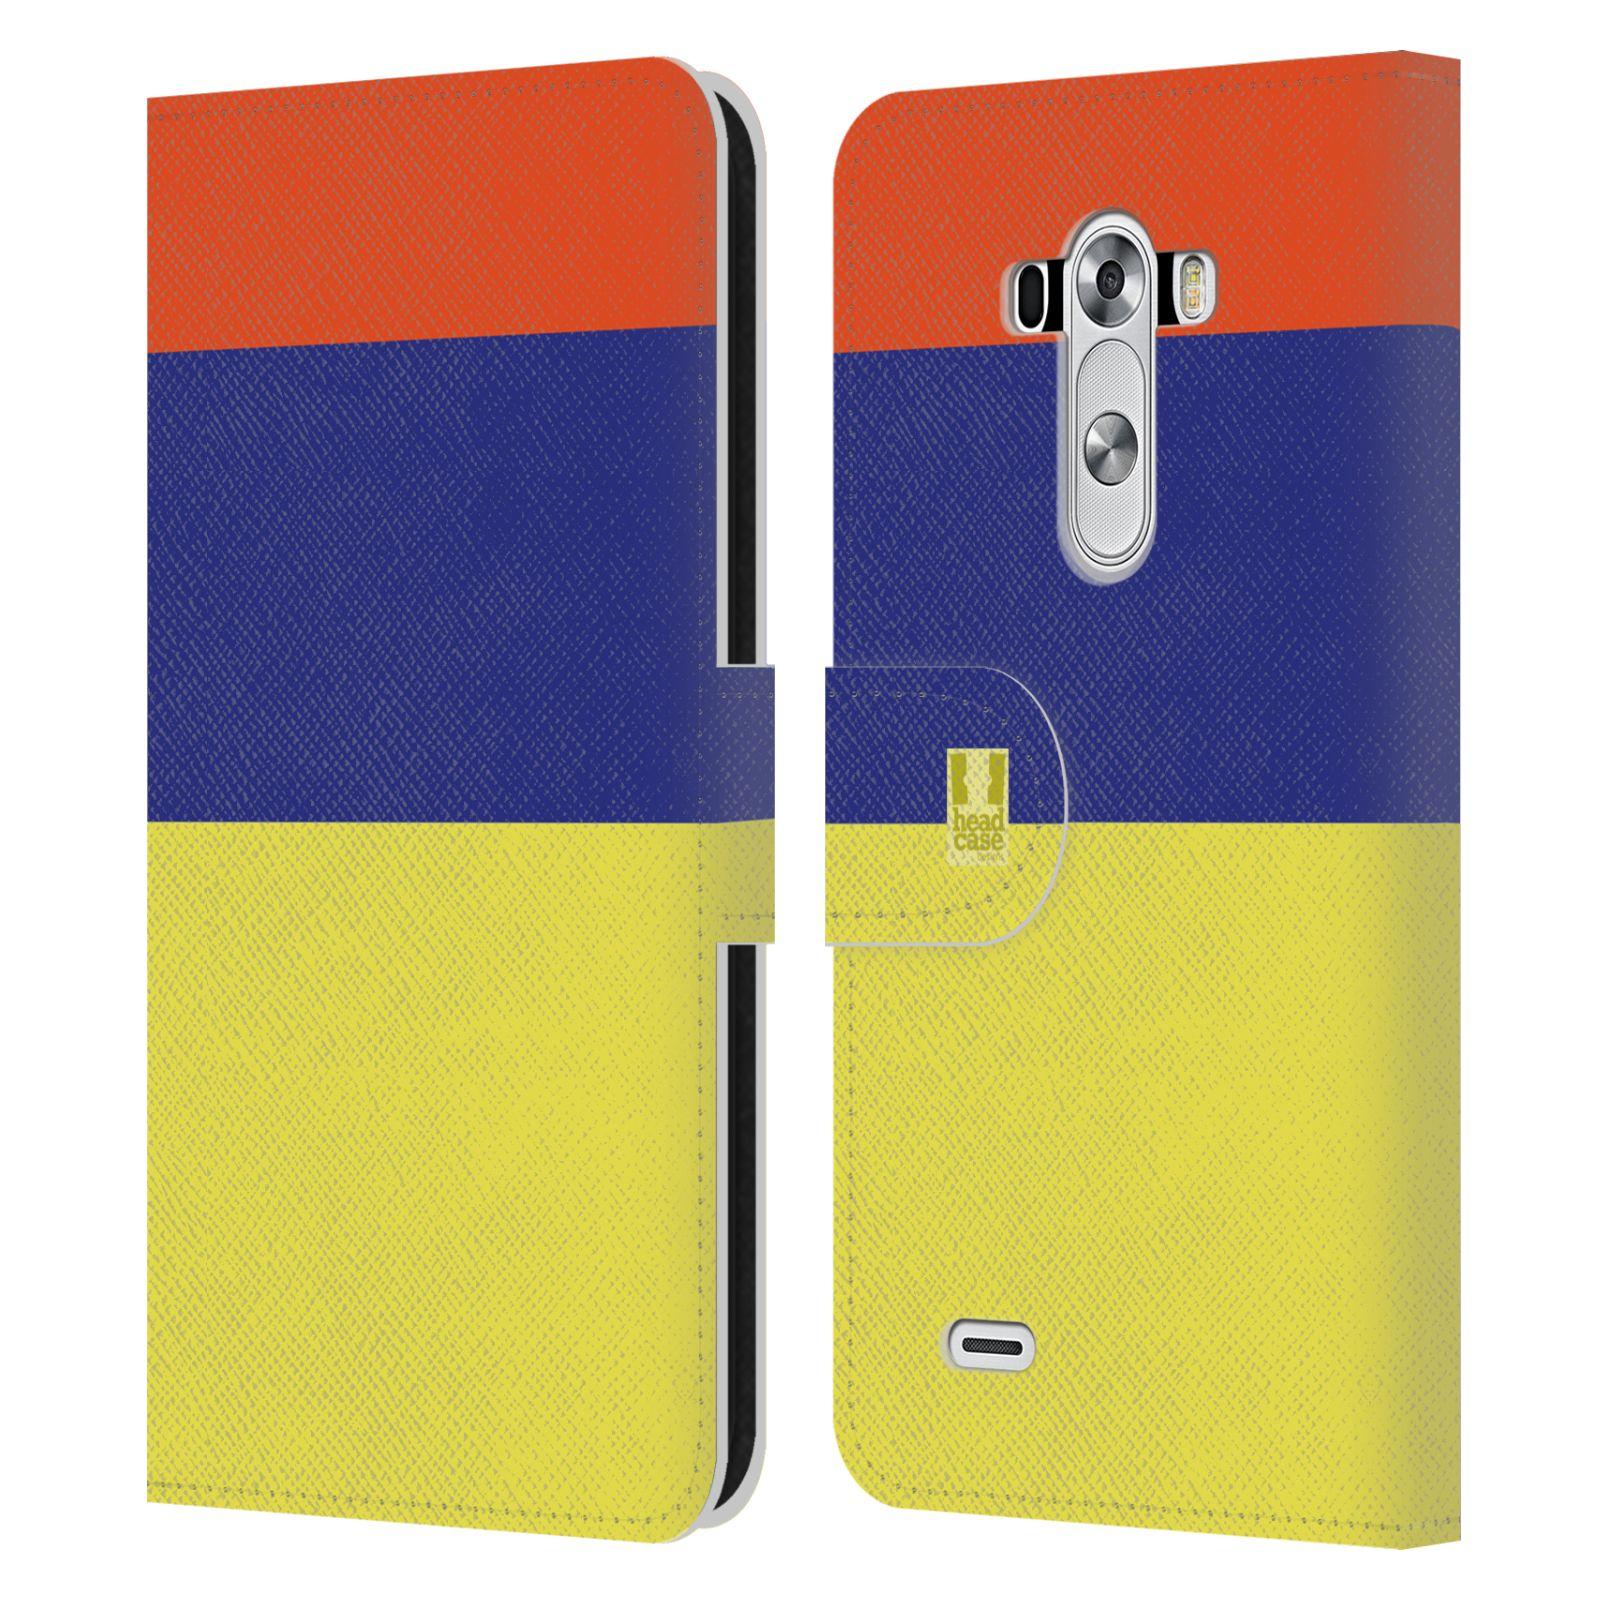 HEAD CASE Flipové pouzdro pro mobil LG G3 barevné tvary žlutá, modrá, červená